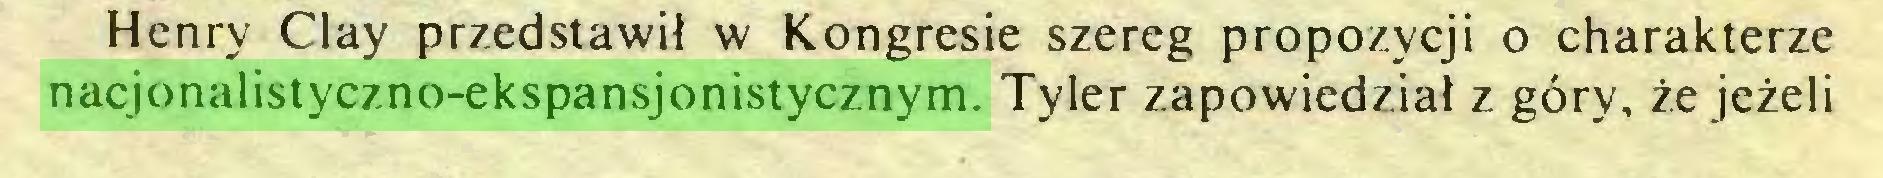 (...) Henry Clay przedstawil w Kongresie szereg propozycji o charakterze nacjonalistyczno-ekspansjonistycznym. Tyler zapowiedziai z göry, ze jezeli...